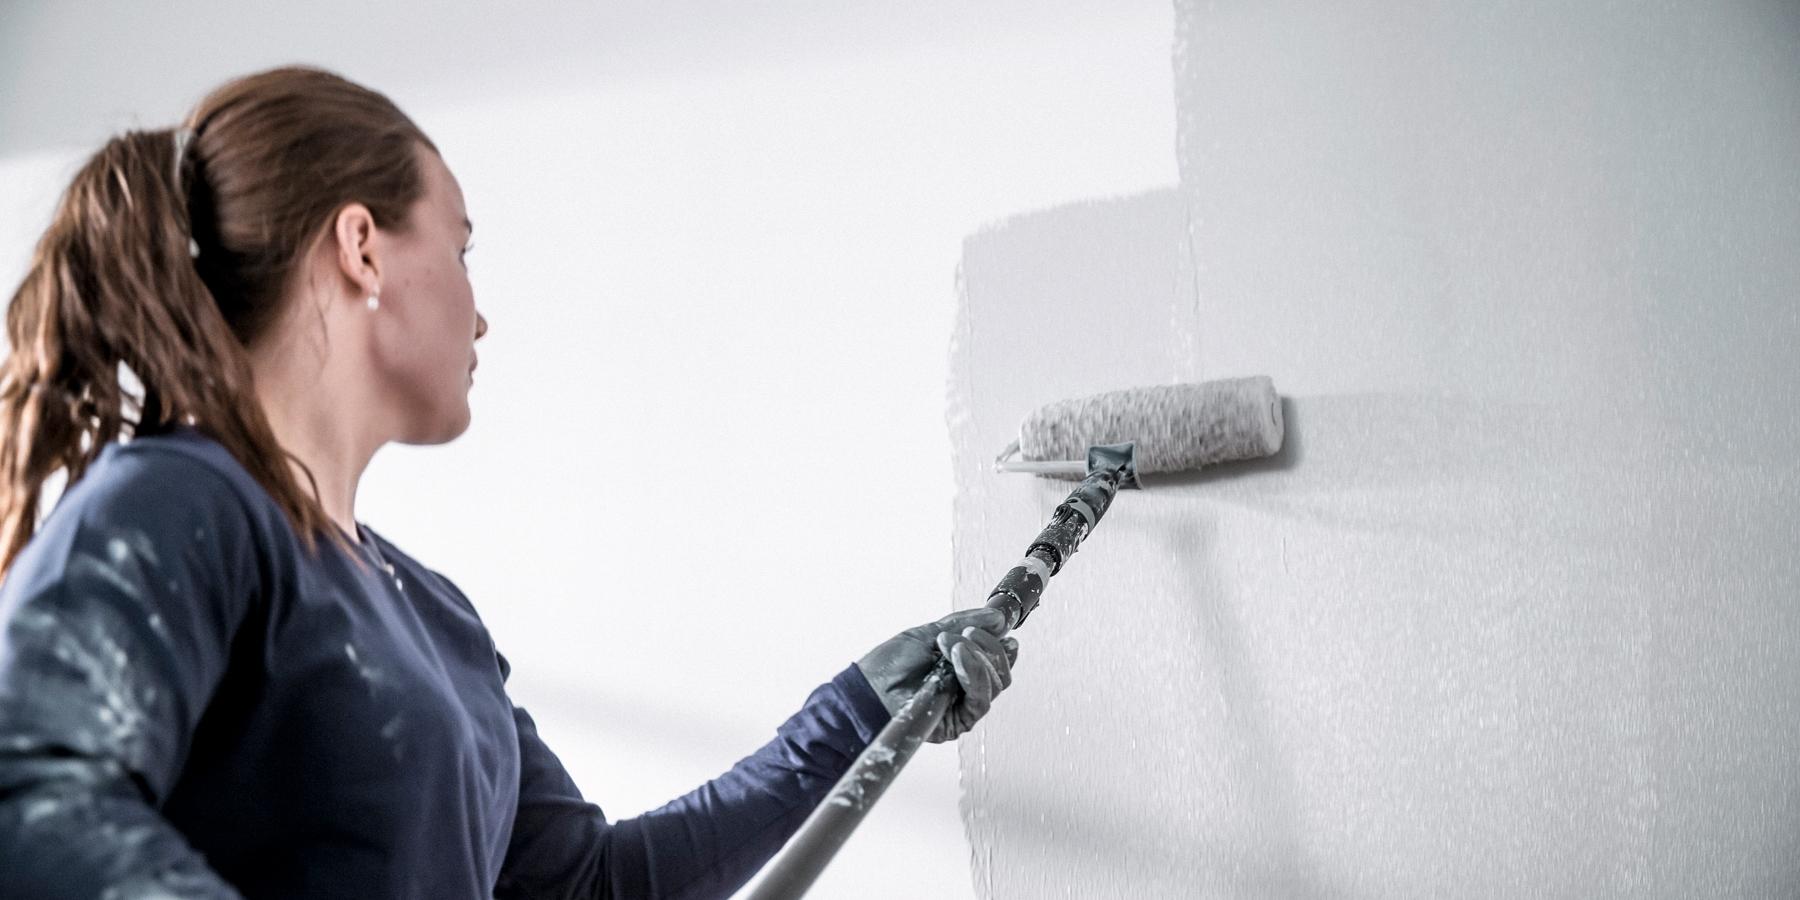 Målarfärg för att måla i våtrum   caparol färg